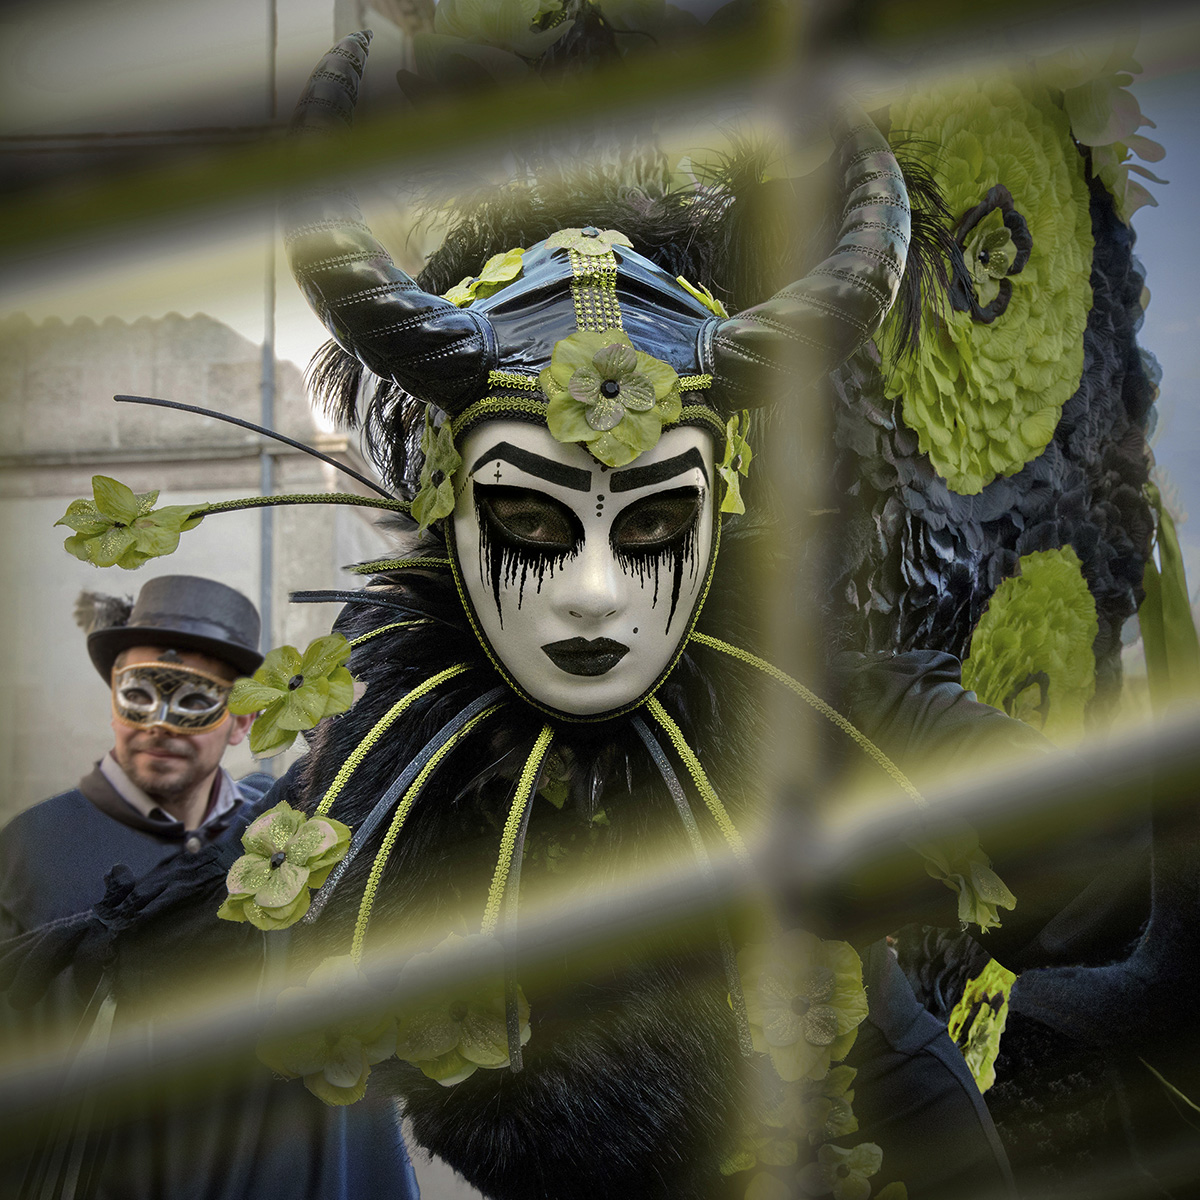 La pavane vénitienne - Dominique Godet Atelier Focale 16, exposition photo à l'incontournable